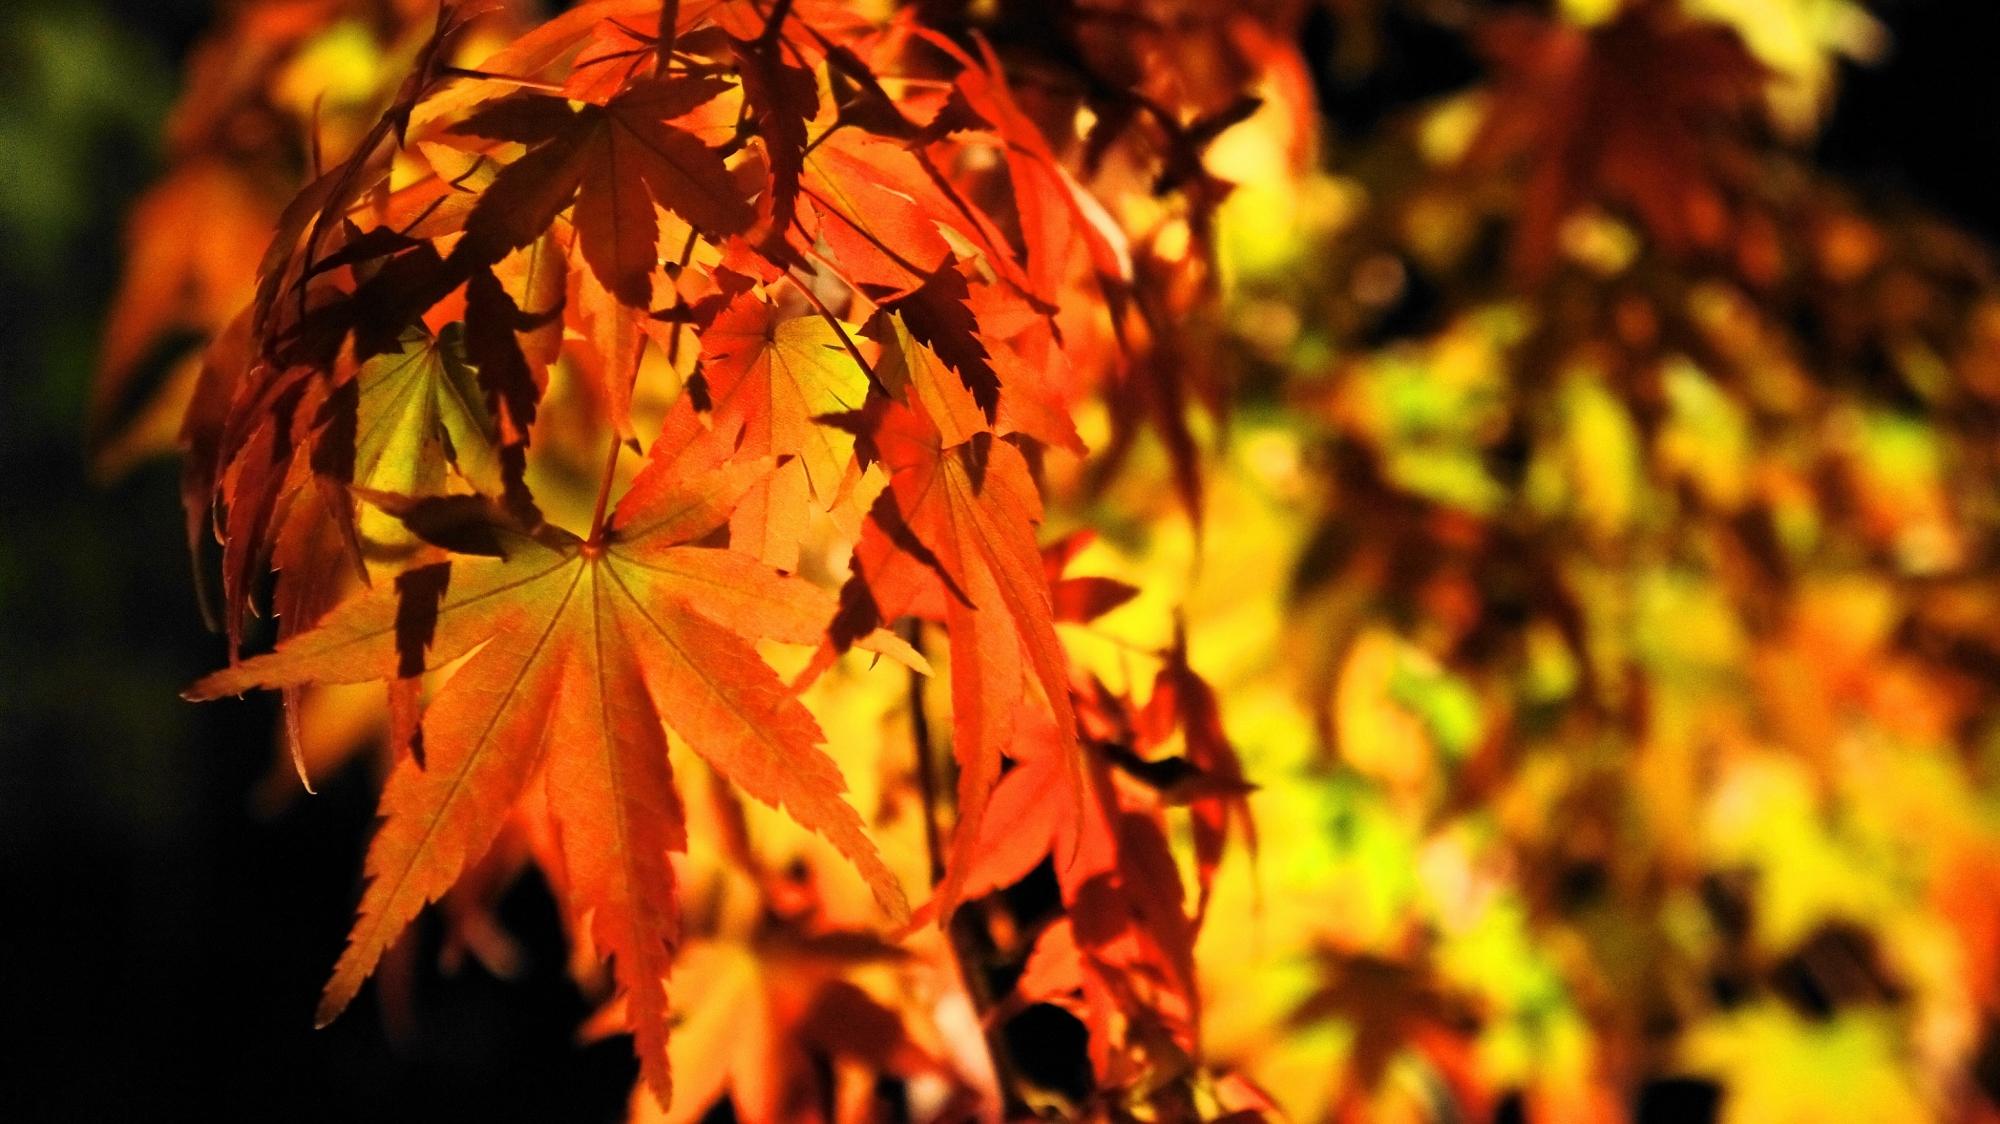 京都知恩院の女坂の見ごろの紅葉の幻想的なライトアップ